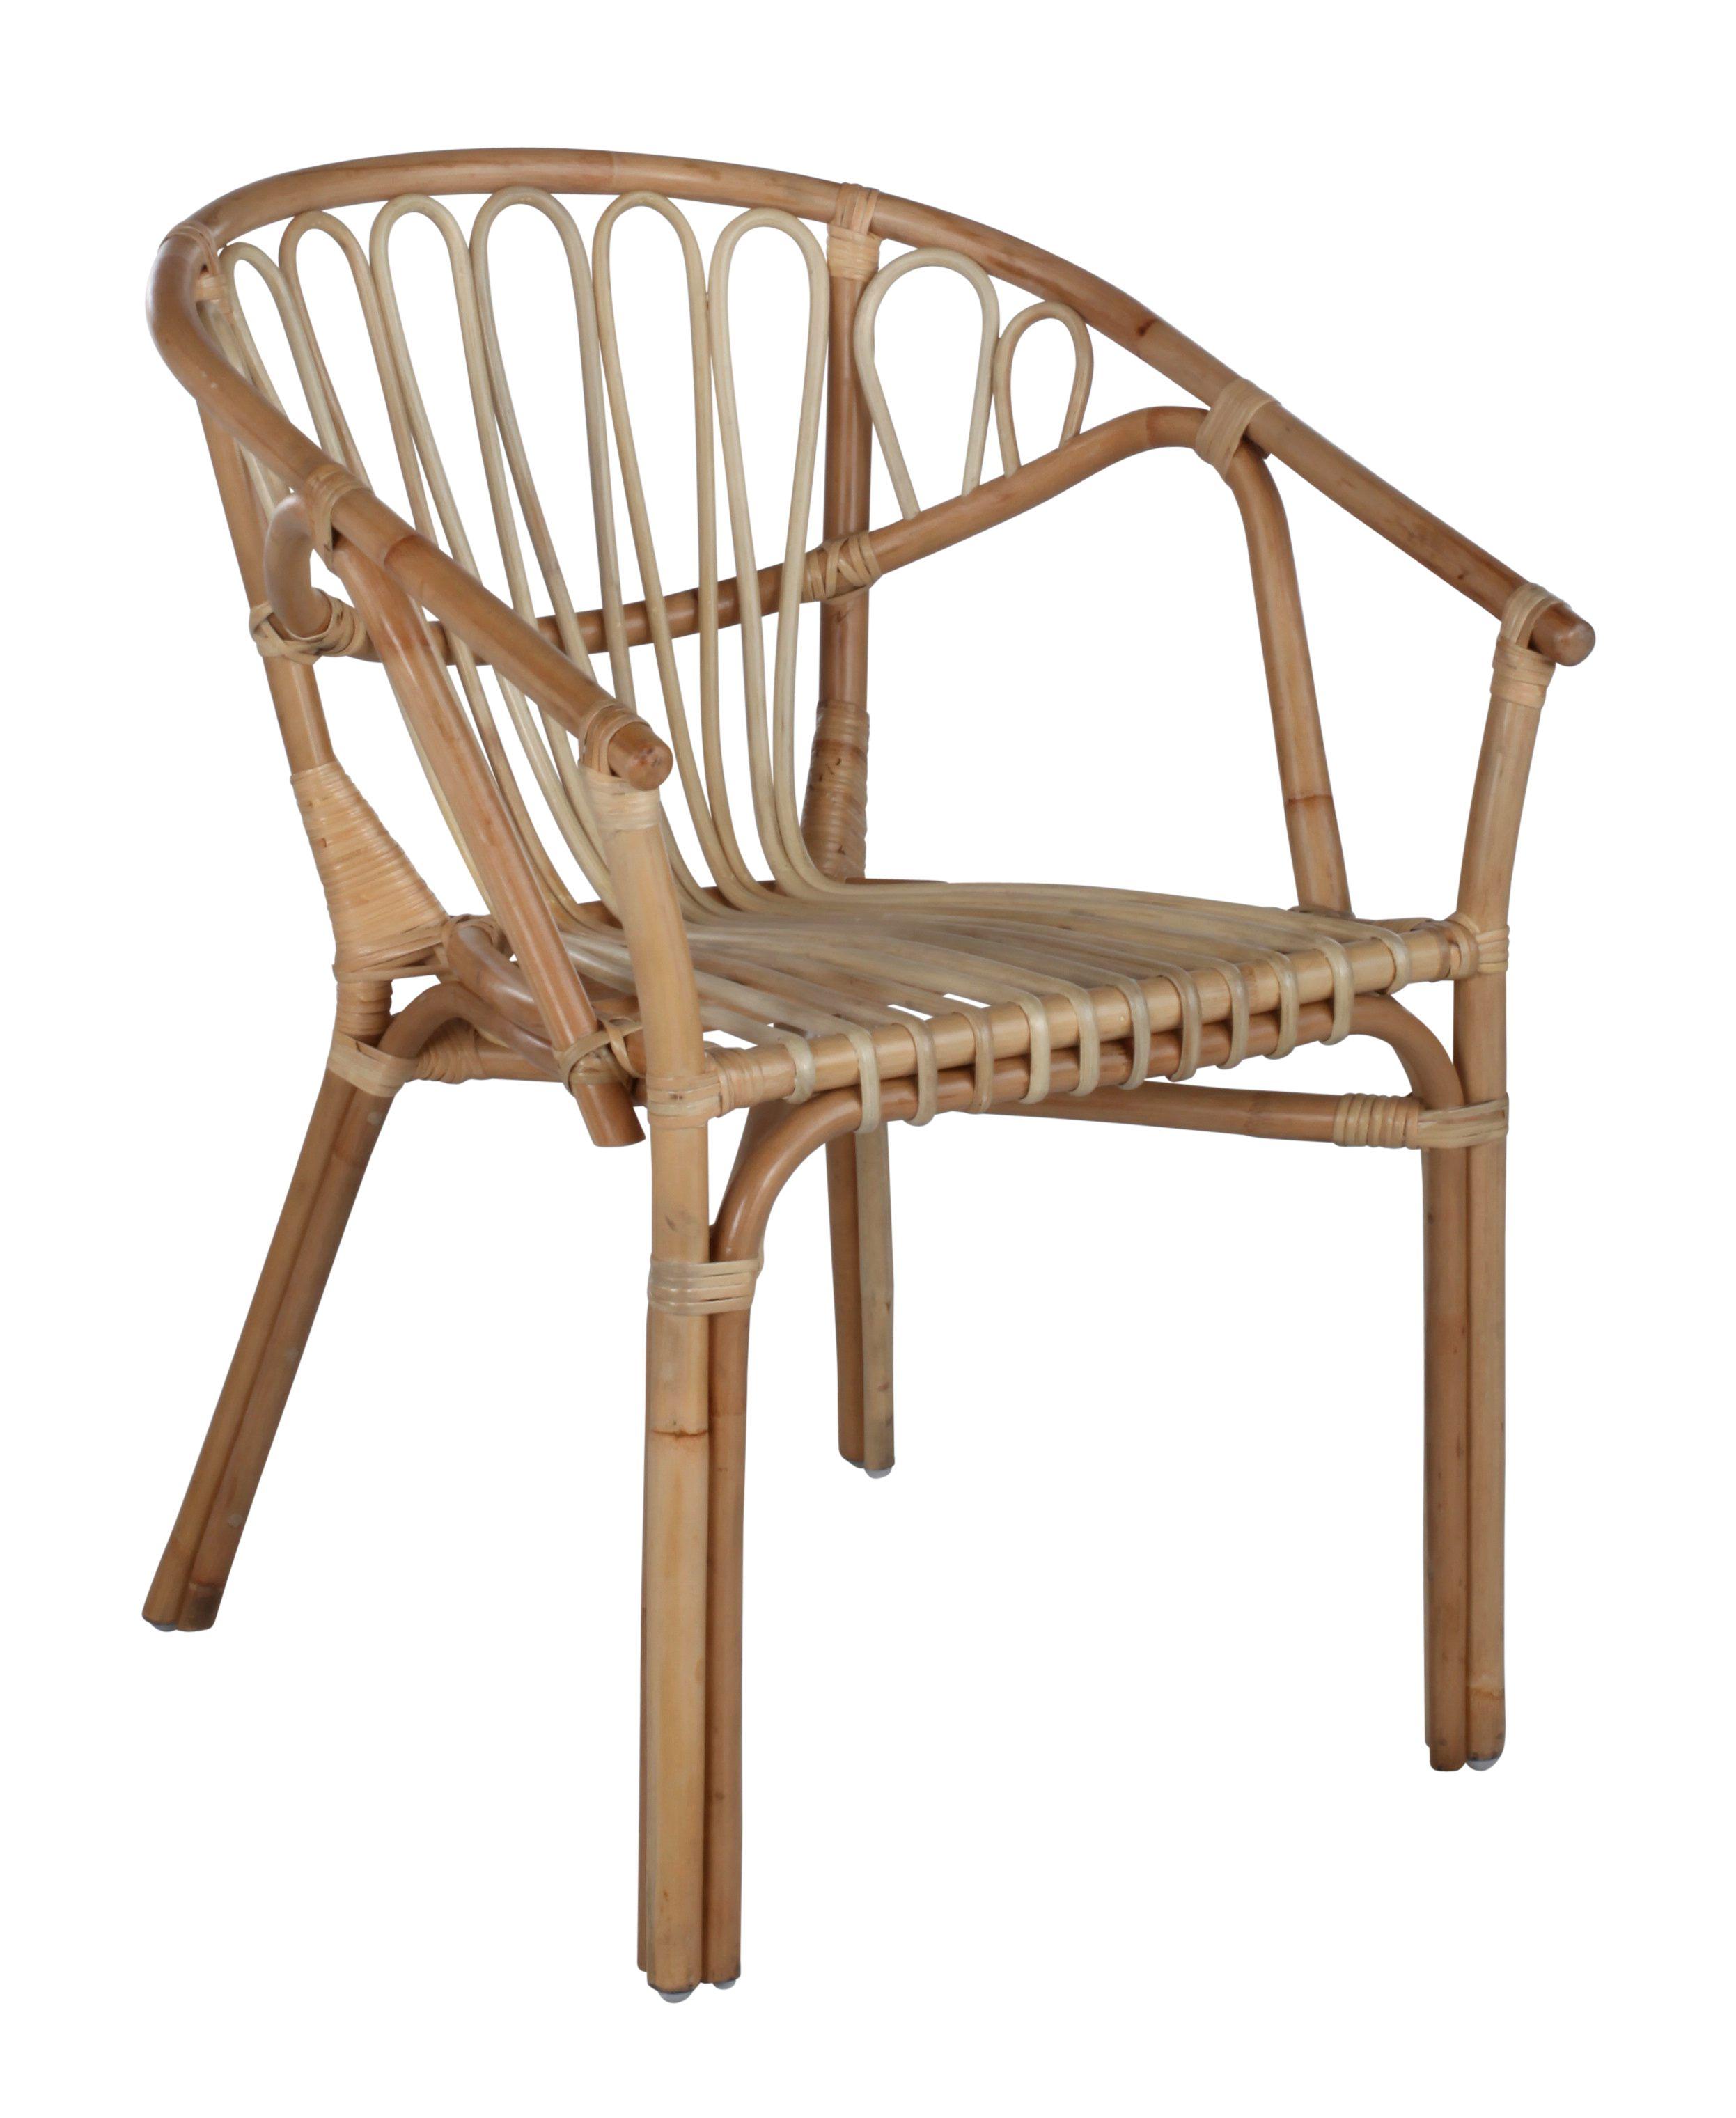 Ambiance bohme et chic avec le fauteuil goa rotin miel - Ambiance tables et chaises reims ...